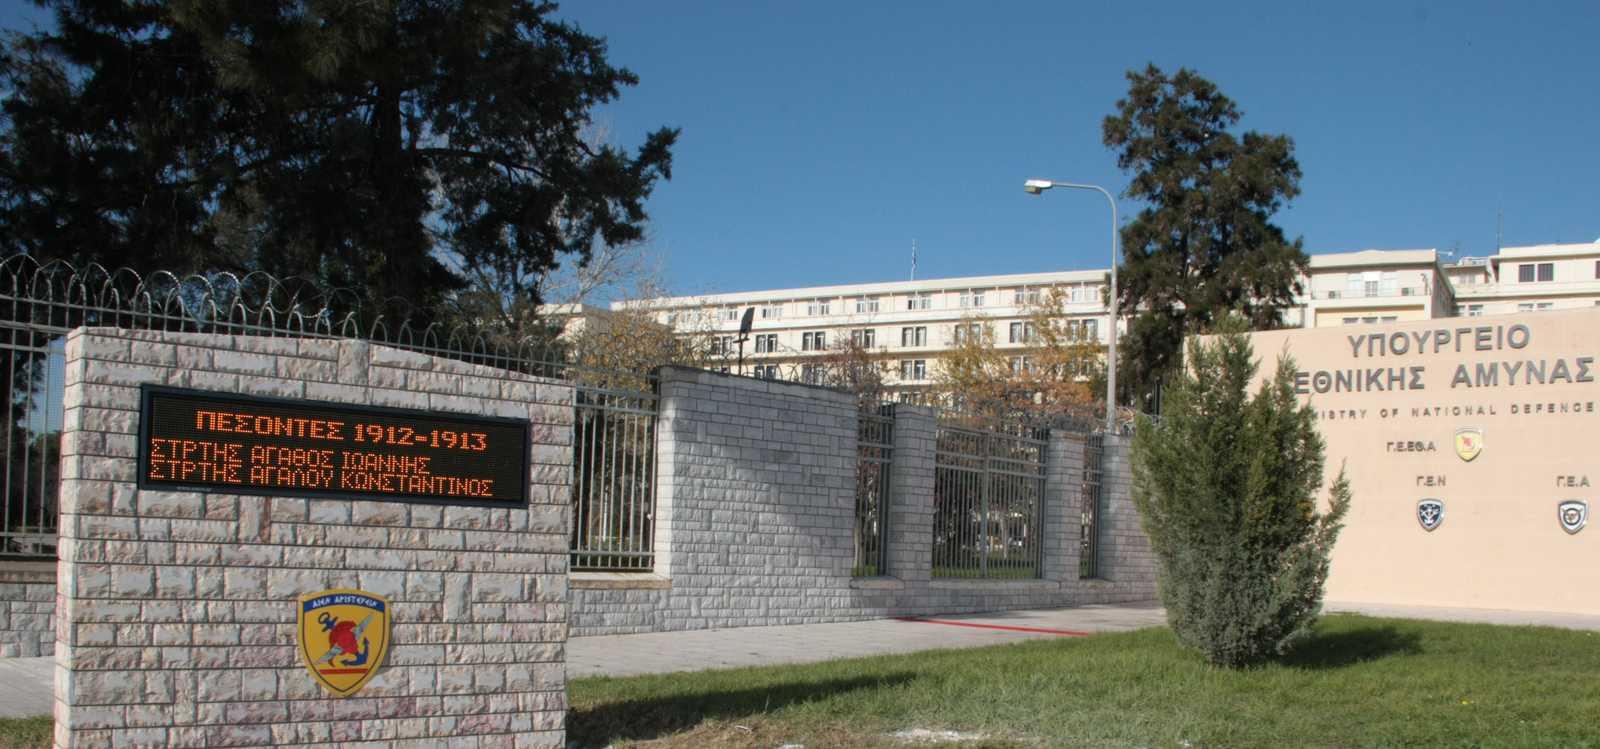 http://www.defence-point.gr/news/wp-content/uploads/2012/12/Balkanikoi_2.jpg